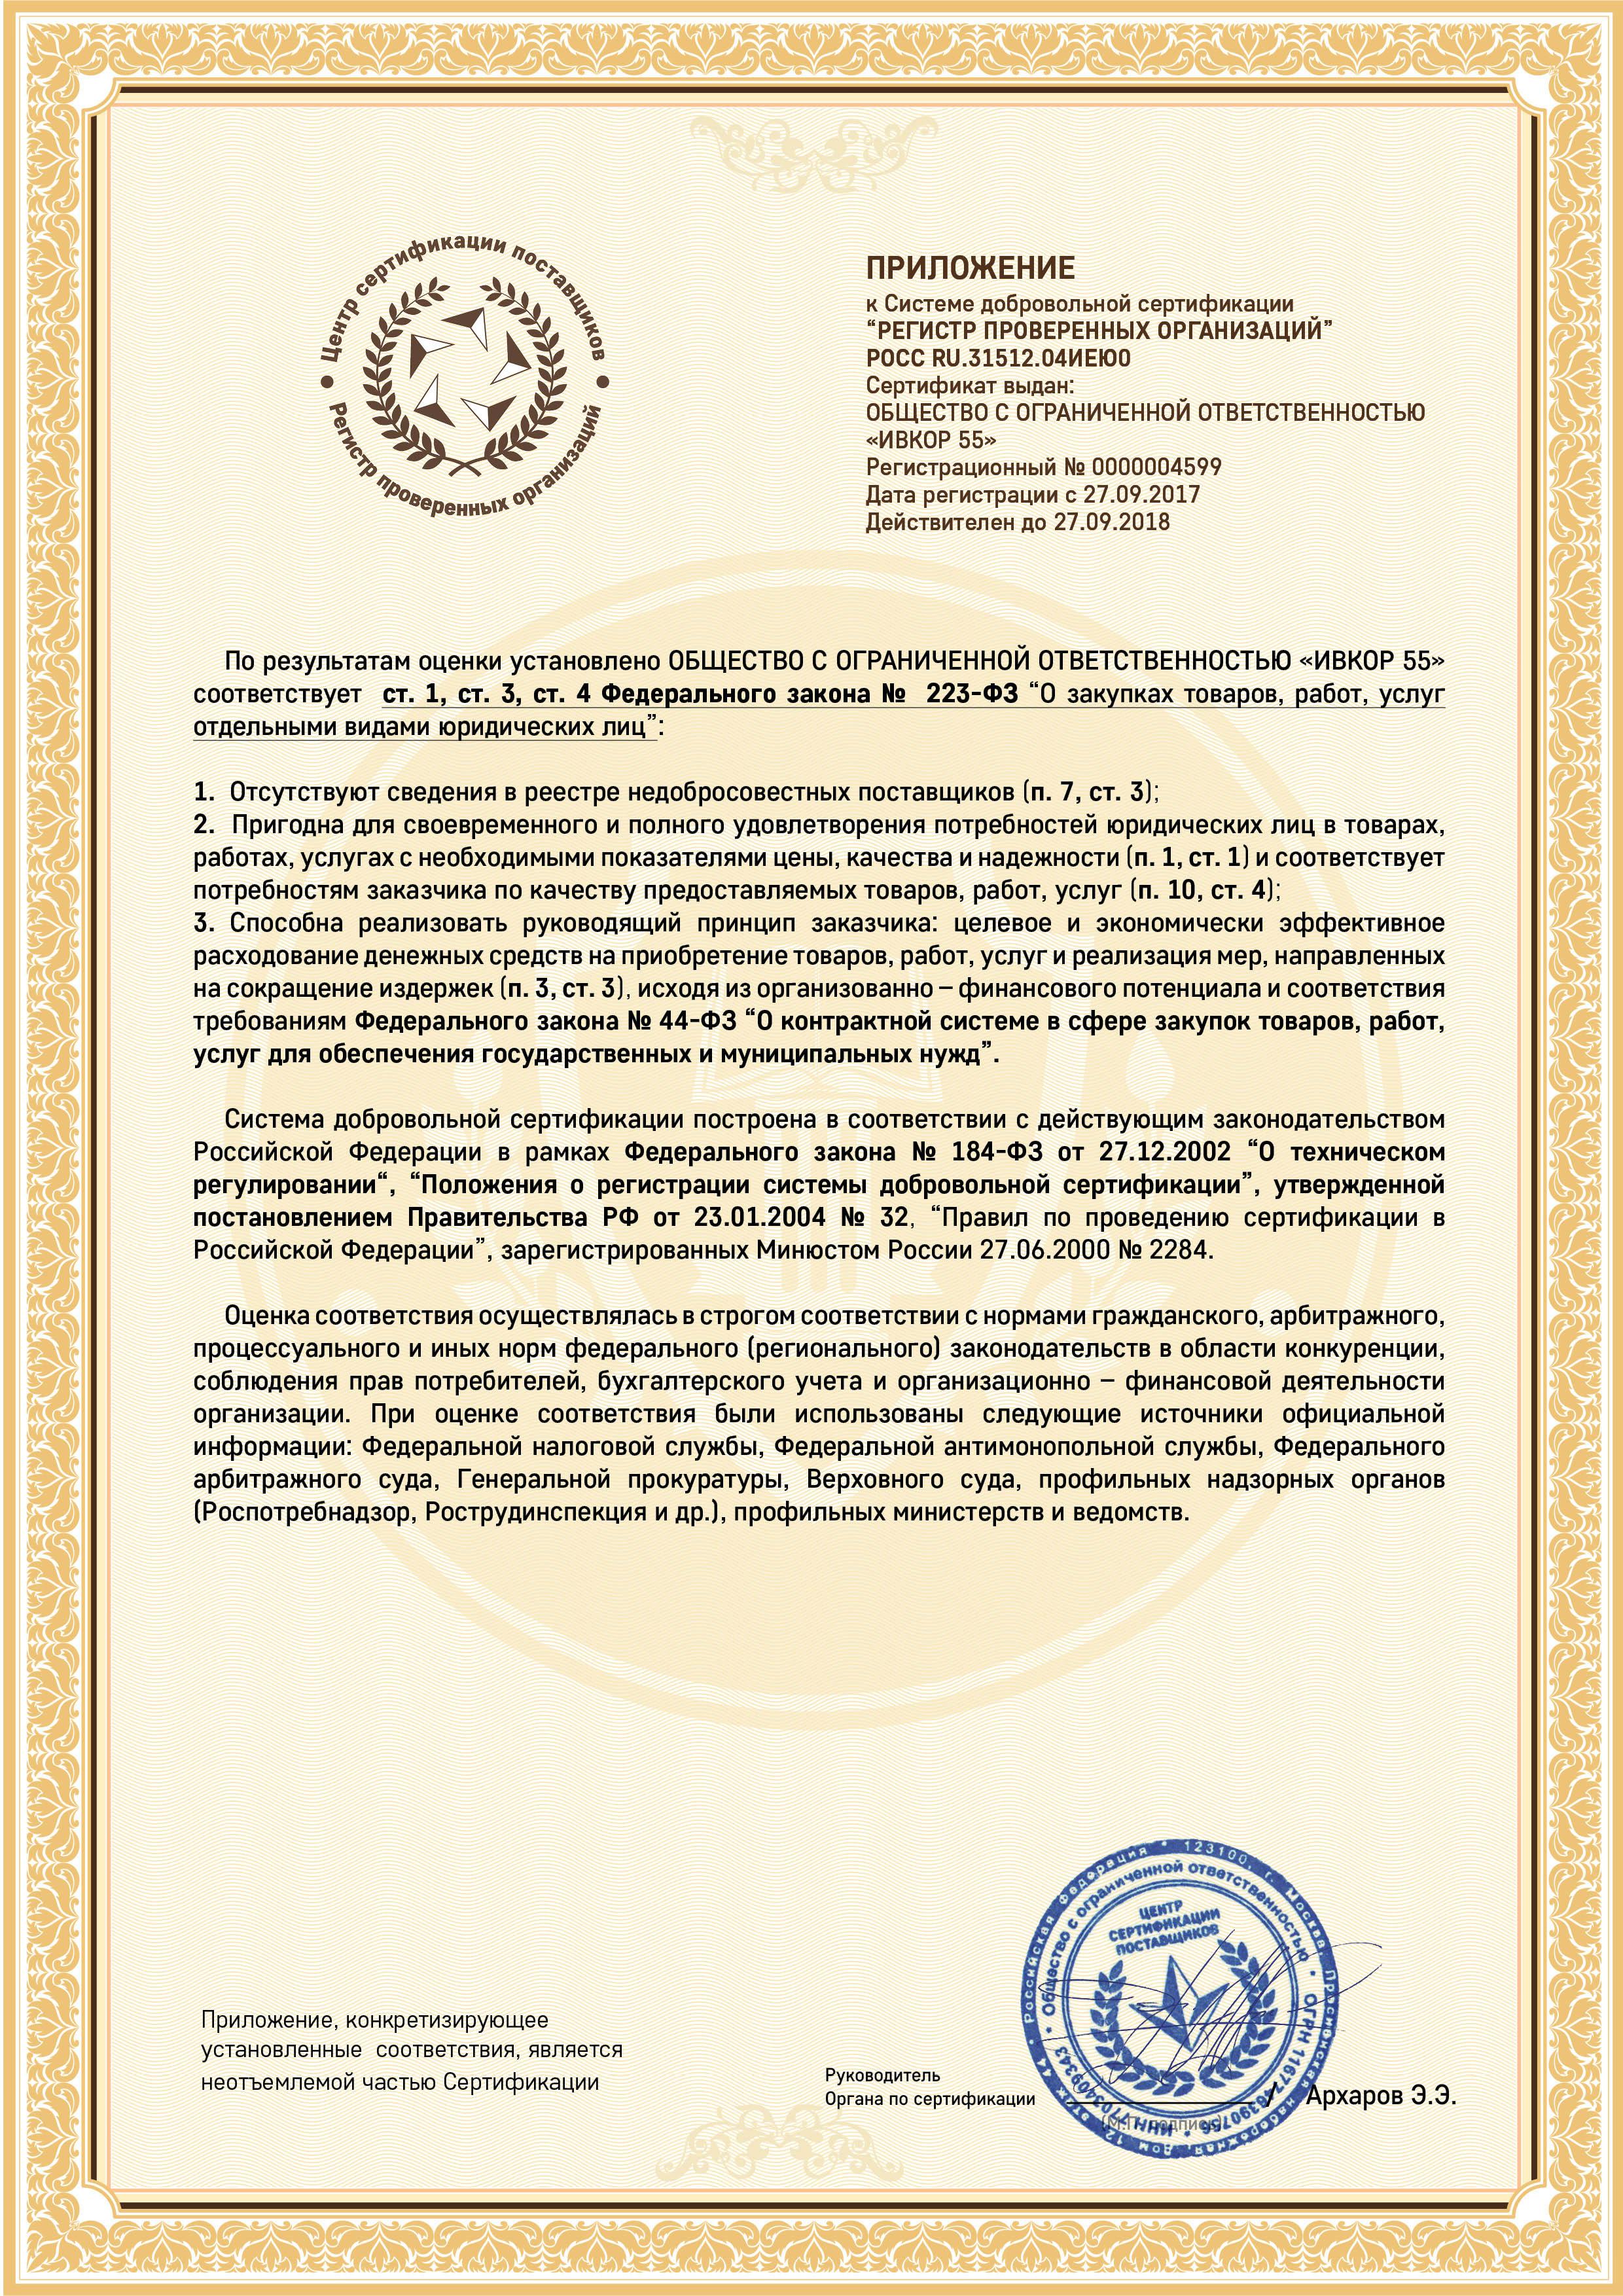 Приложение к Системе добровольной сертификации